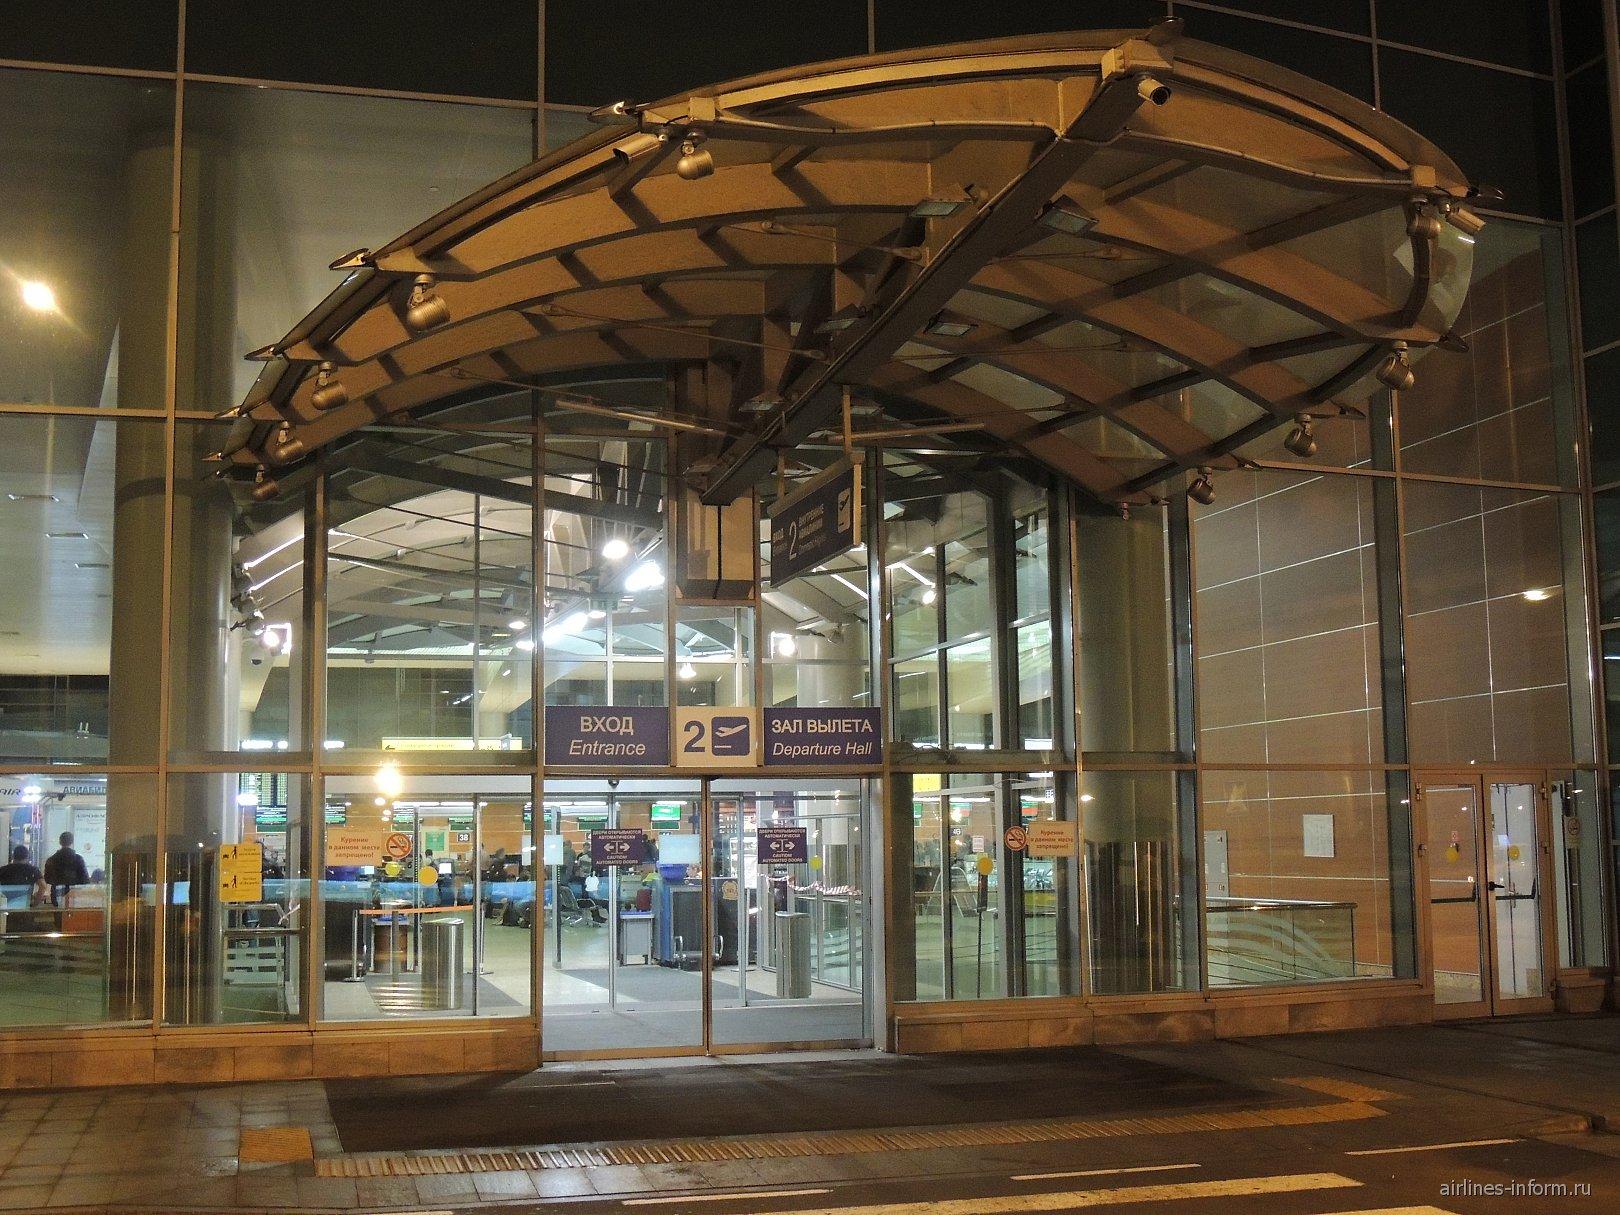 Вход в терминал D аэропорта Шереметьево